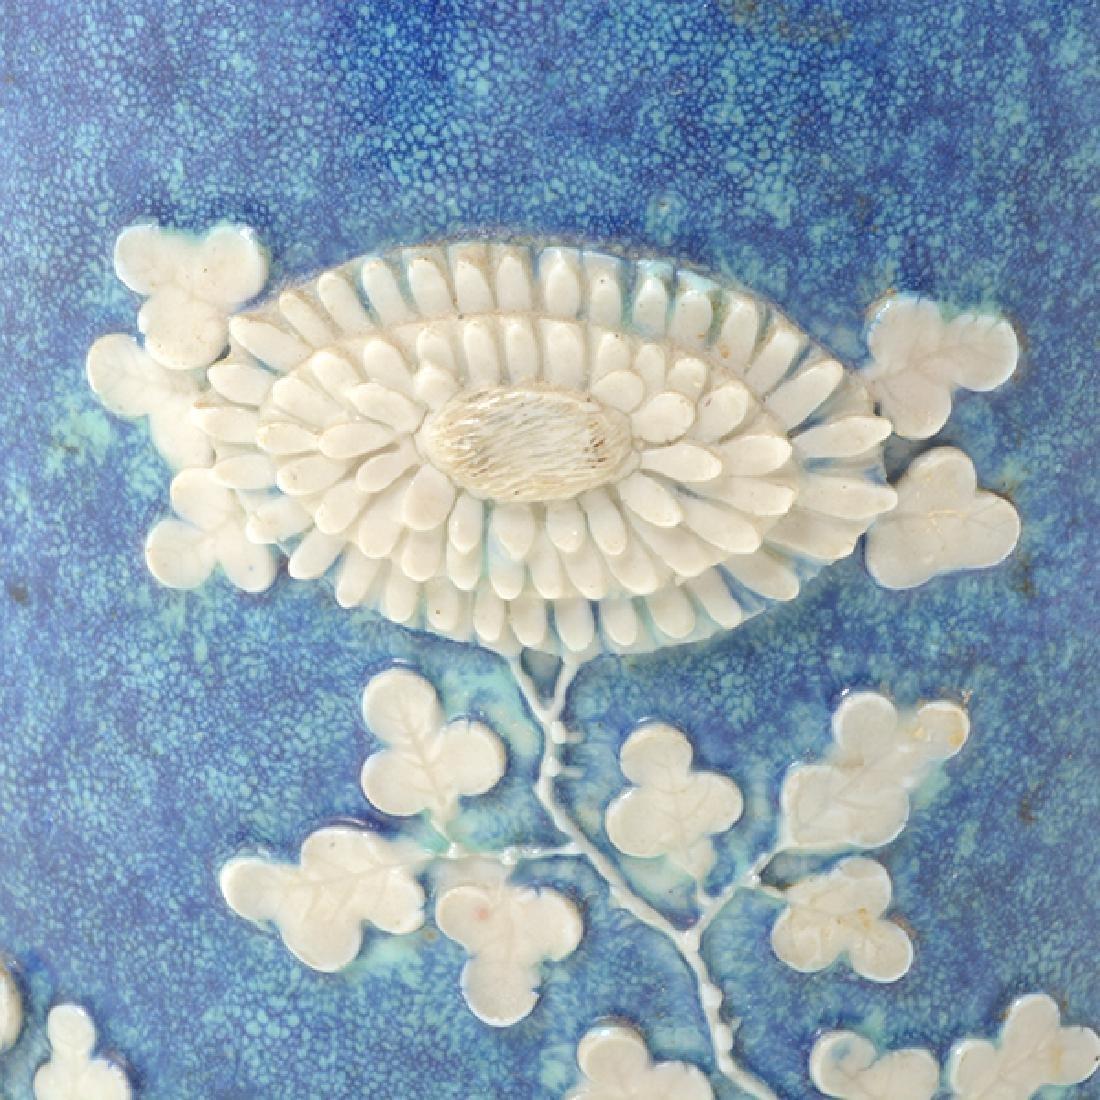 Pr of Biscuit Porcelain Brush Pots, L 19th/E 20th C - 6